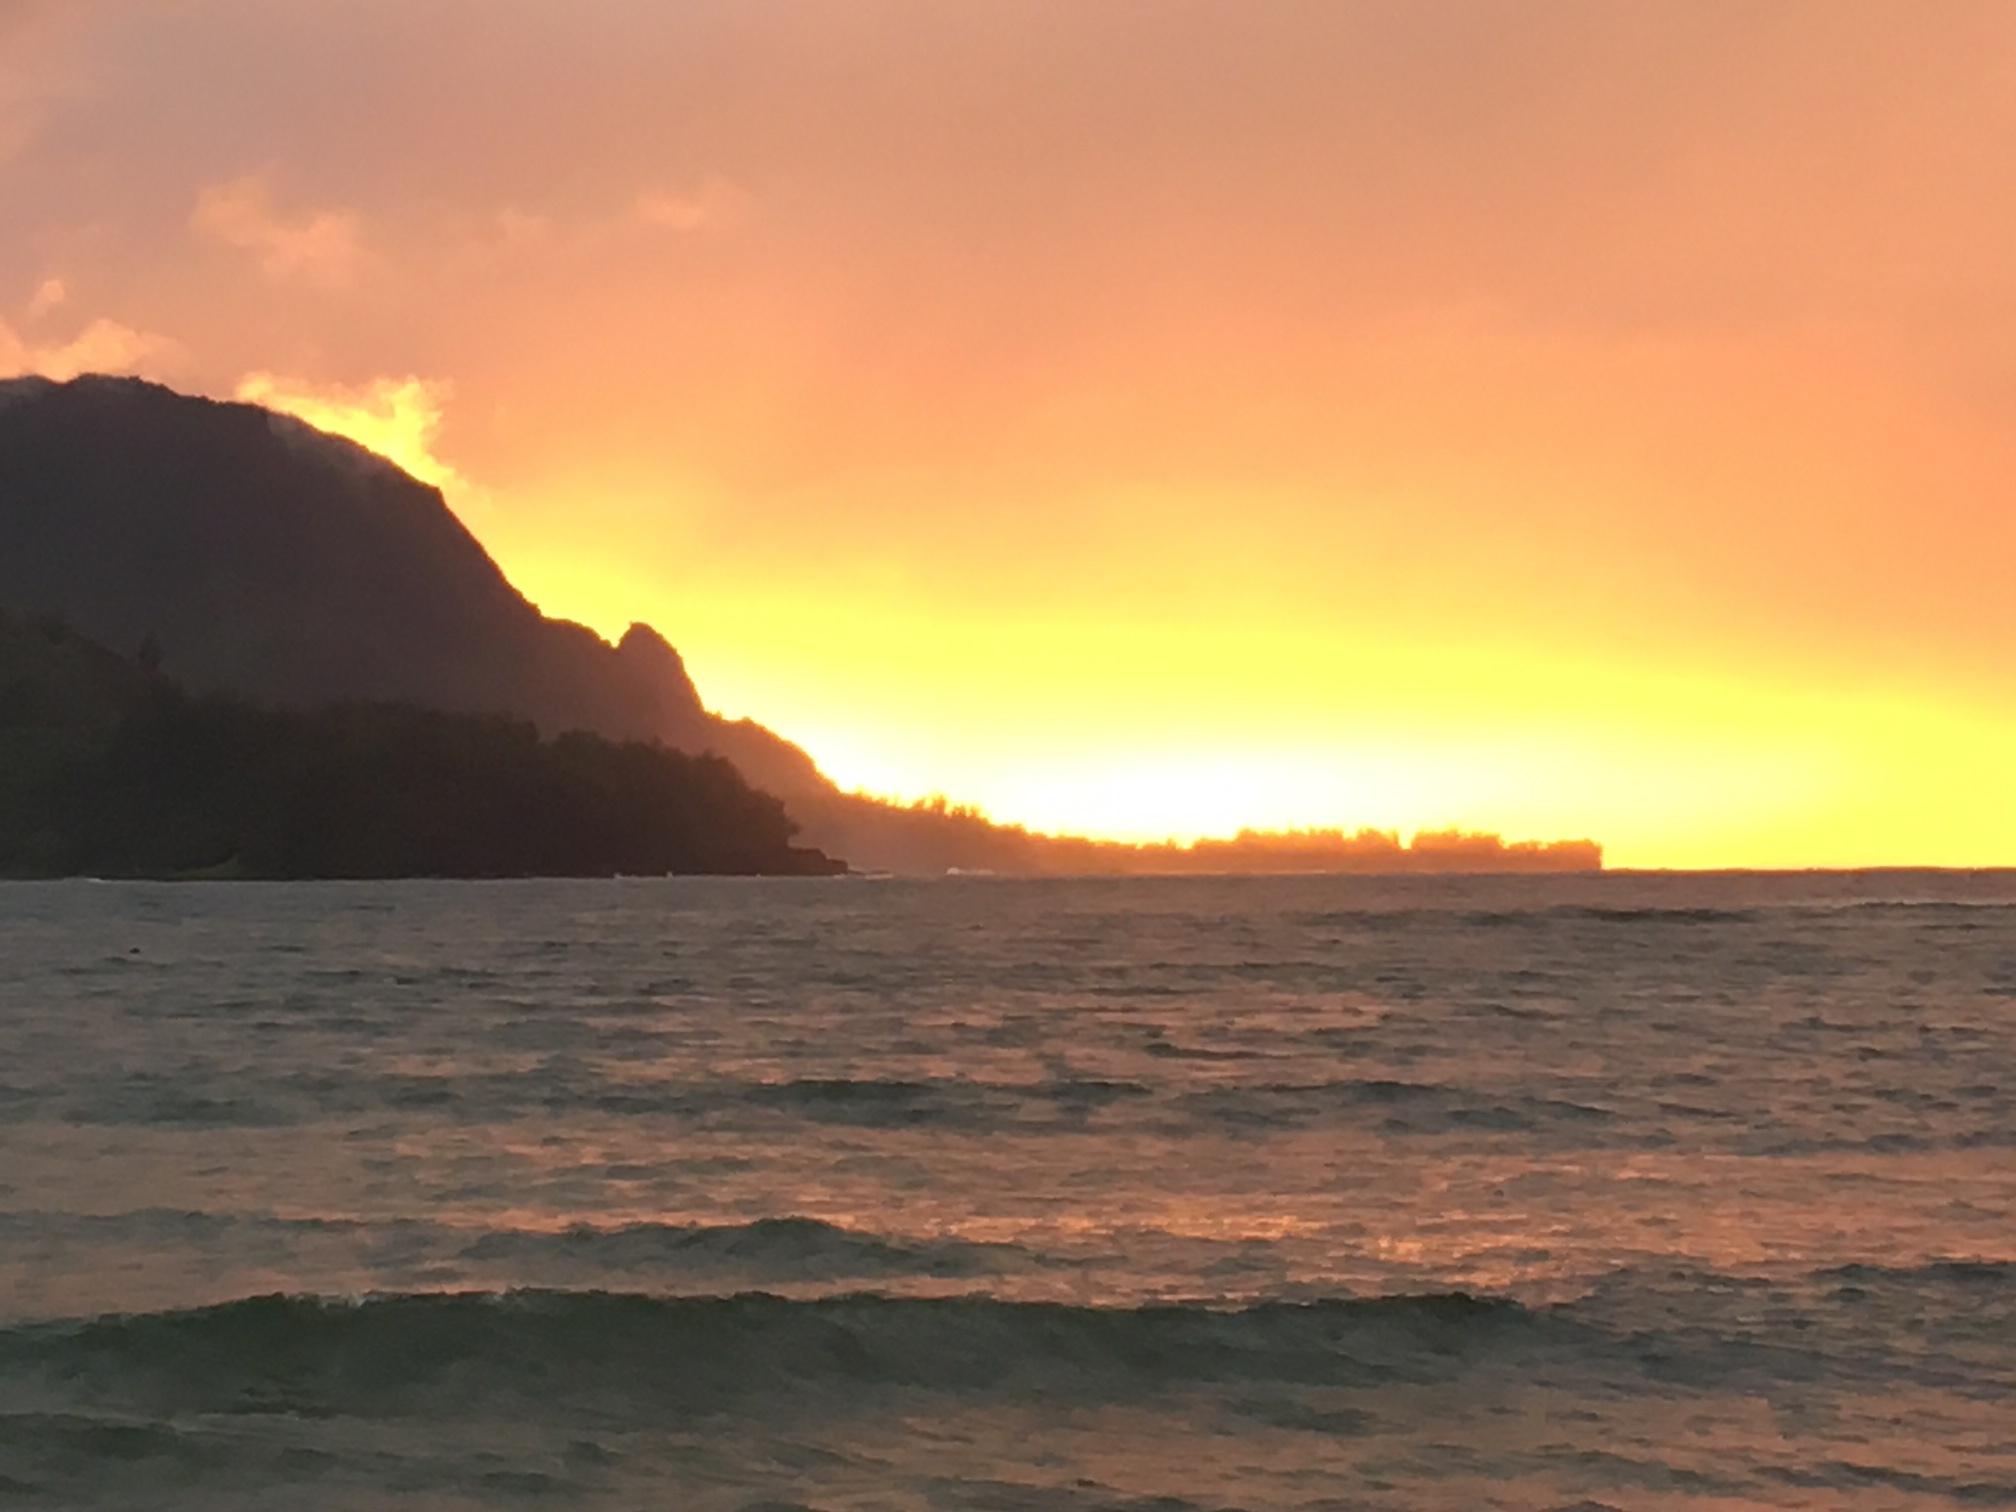 The sun sets in Kauai (photo by Ann Hettinger).